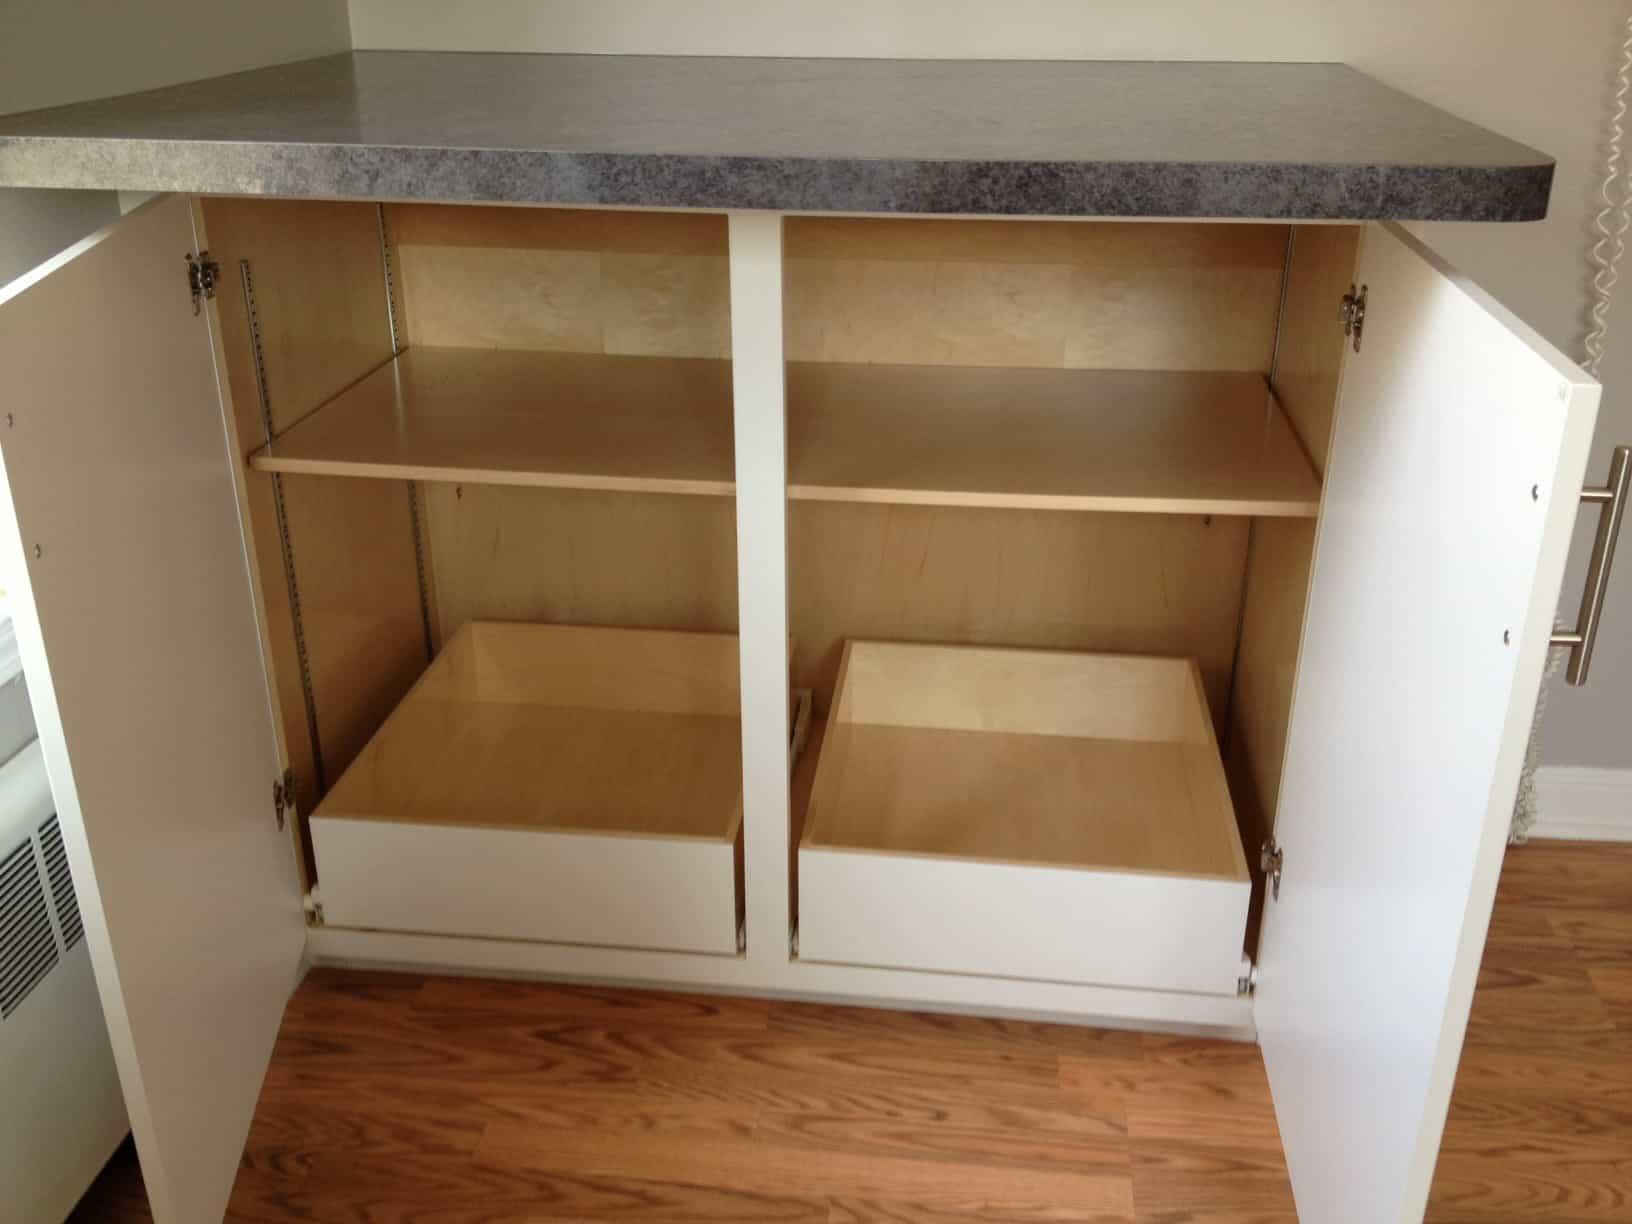 Breakfast bar storage